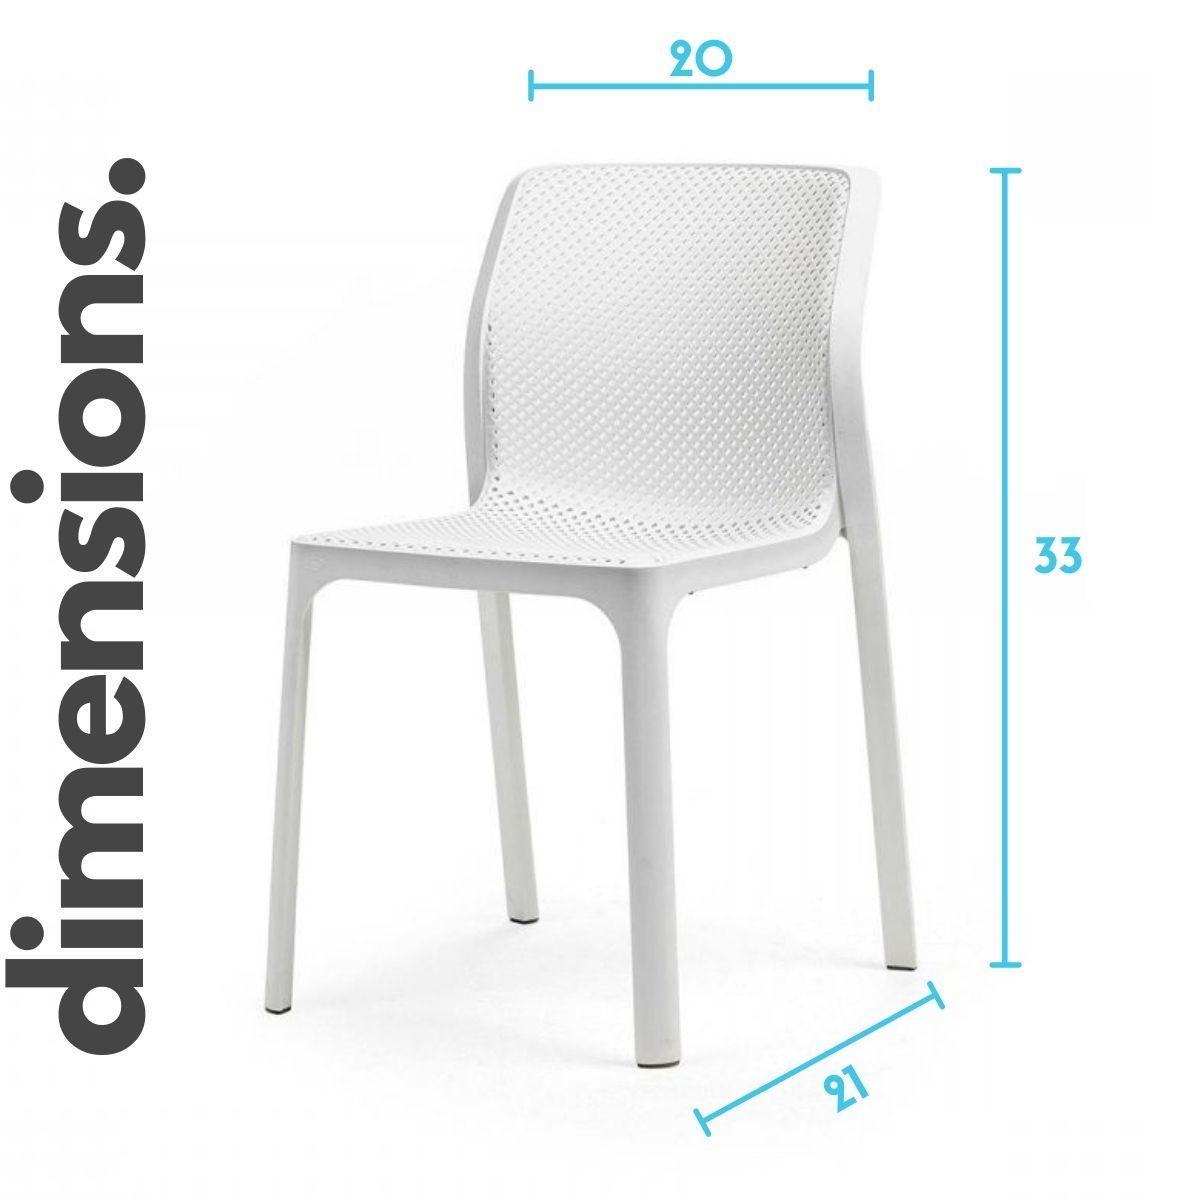 bit-chair-dimensions